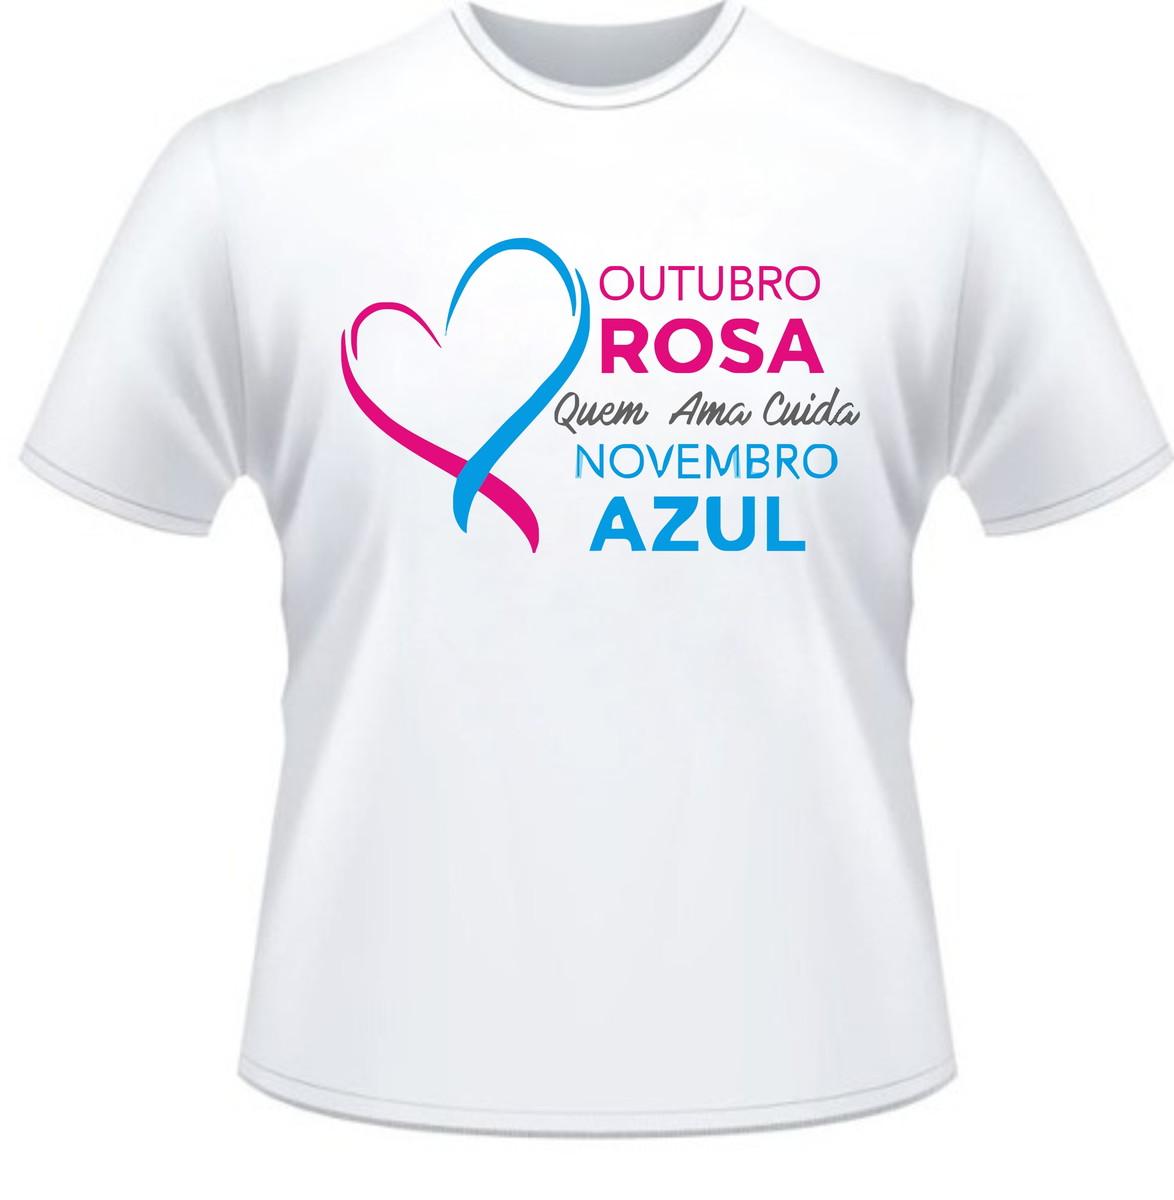 067c69ba5 Camiseta campanha outubro rosa novembro azul no elo adesivos campanha outubro  rosa camiseta estilizada jpg 1174x1200